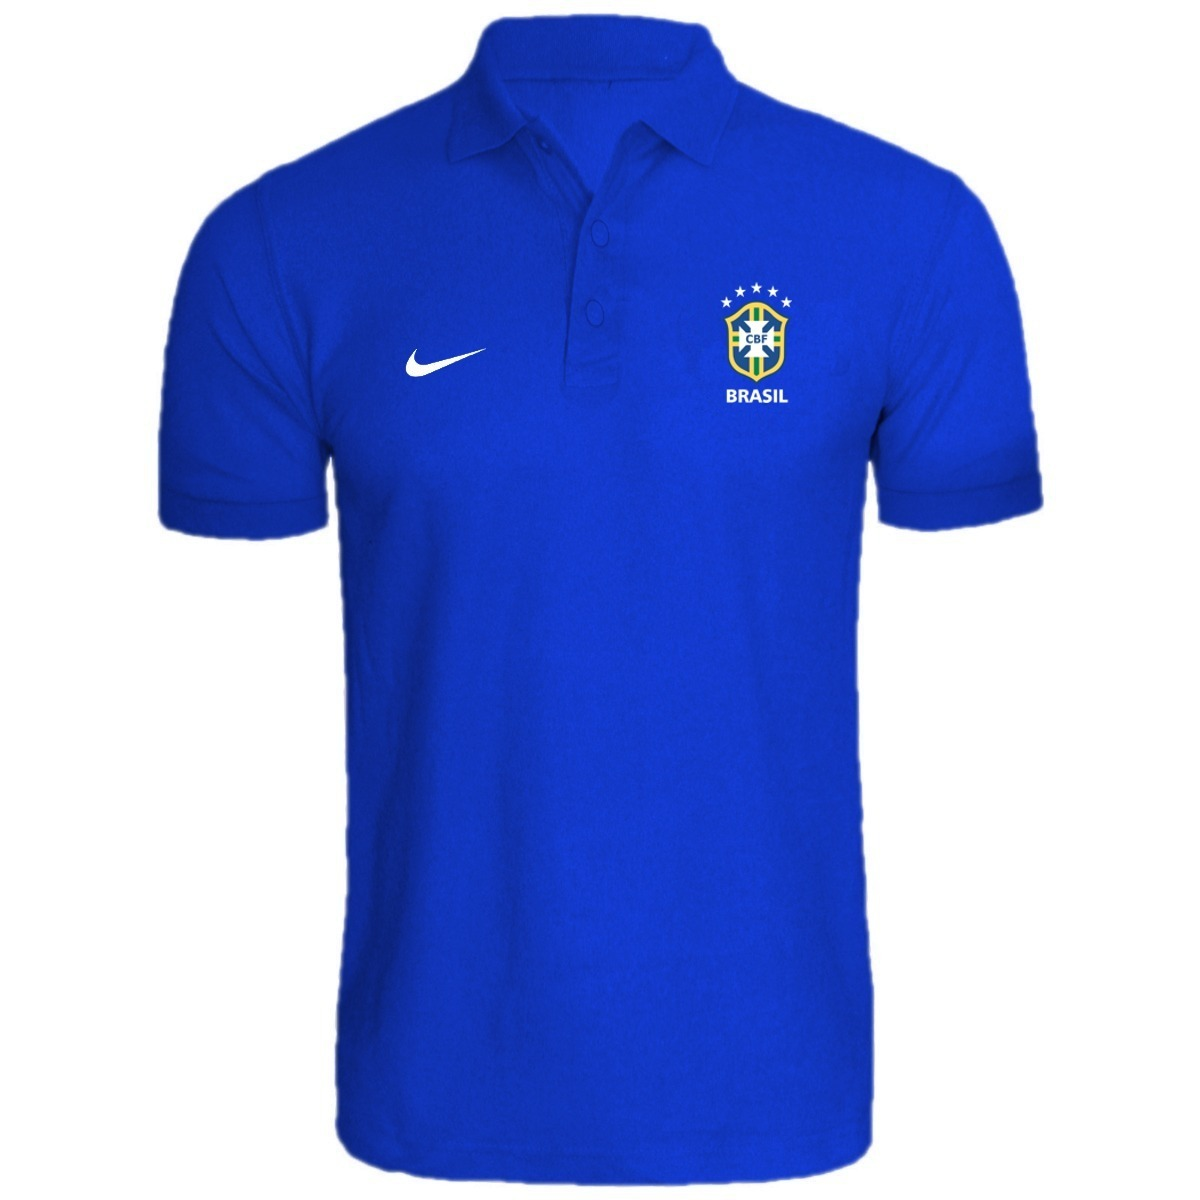 7fa523c7a3 camisa polo seleçao brasil personalizado. Carregando zoom.